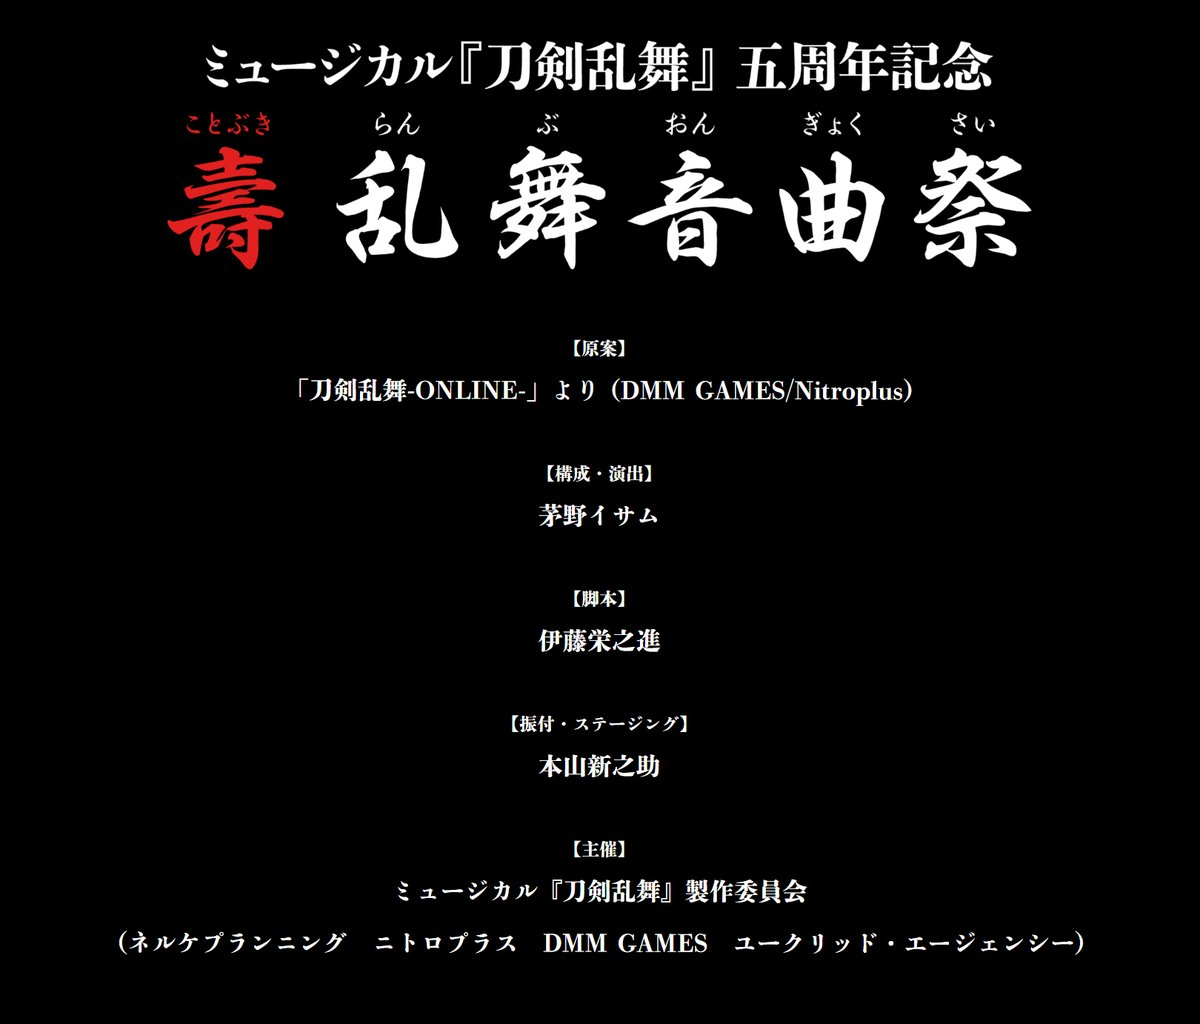 【情報解禁!】ミュージカル『刀剣乱舞』 五周年記念 壽 乱舞音曲祭出演者、公演日程、チケット情報を公開しました!#刀ミュ